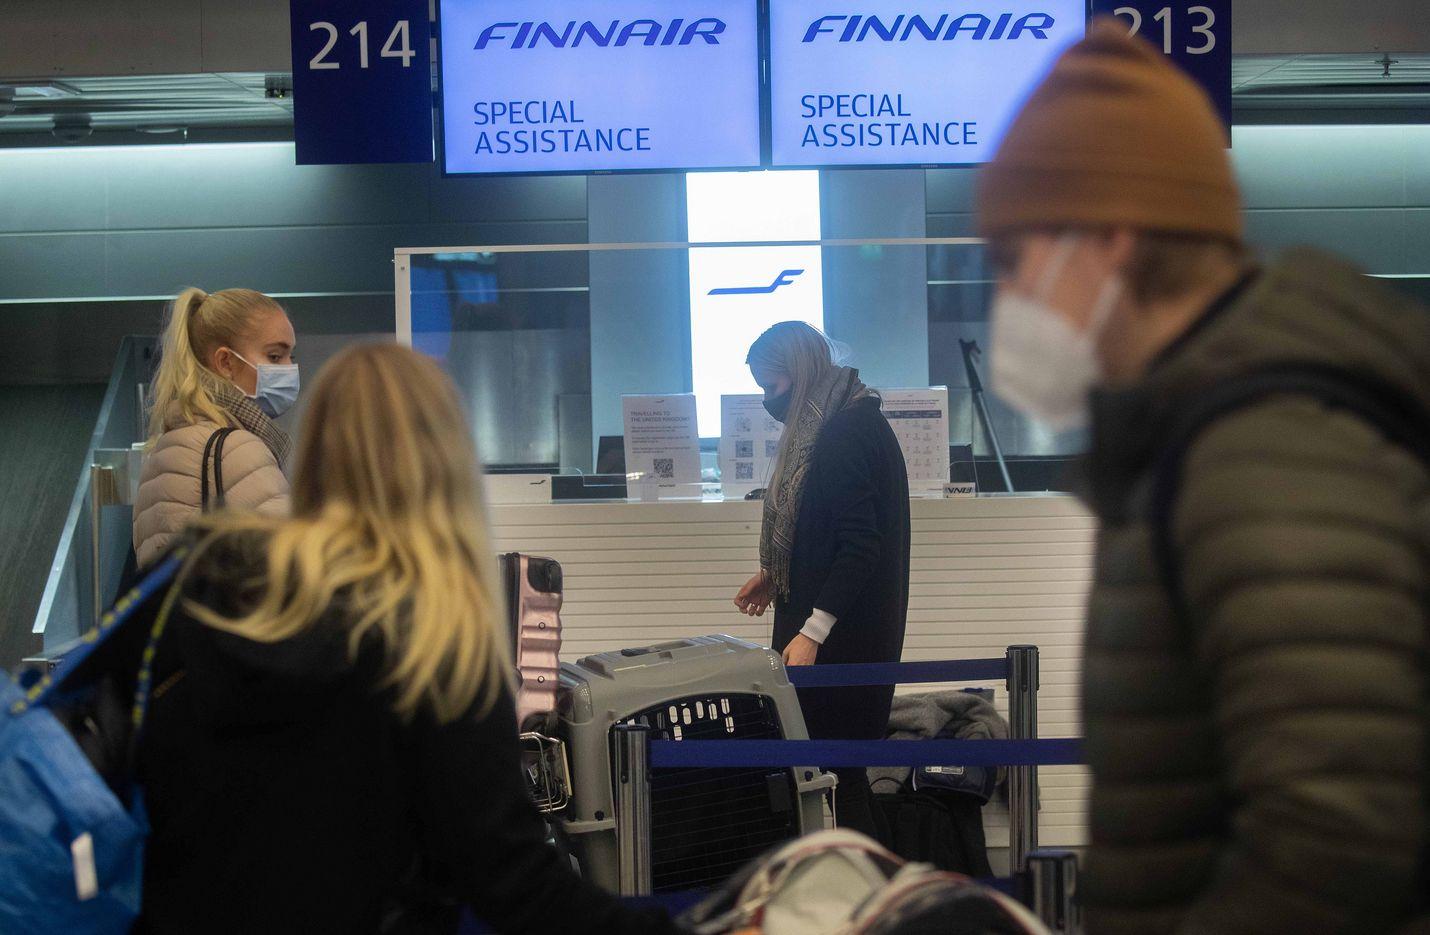 Ennen lentokieltoa Finnairilla oli joka päivä kaksi edestakaista suoraa lentoa Lontooseen ja yksittäisiä viikkovuoroja Dubliniin, Edinburghiin ja Manchesteriin.